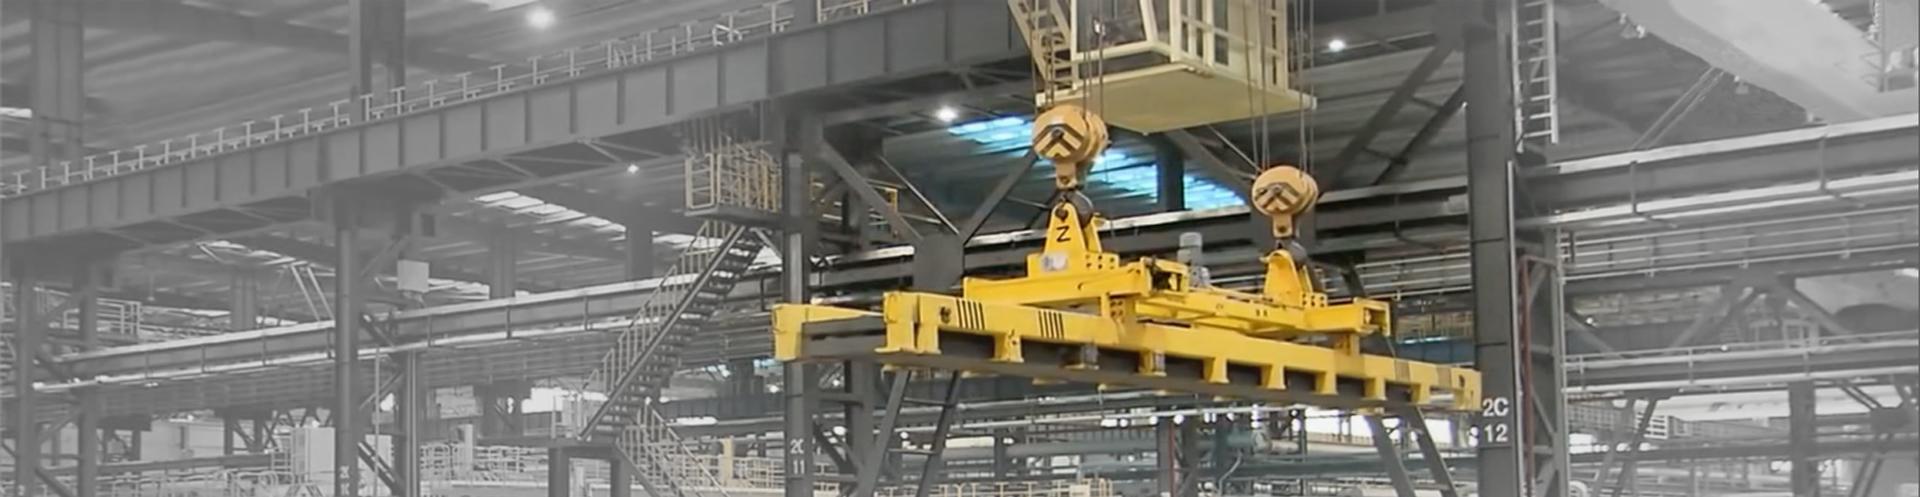 上海博信机器人科技有限公司